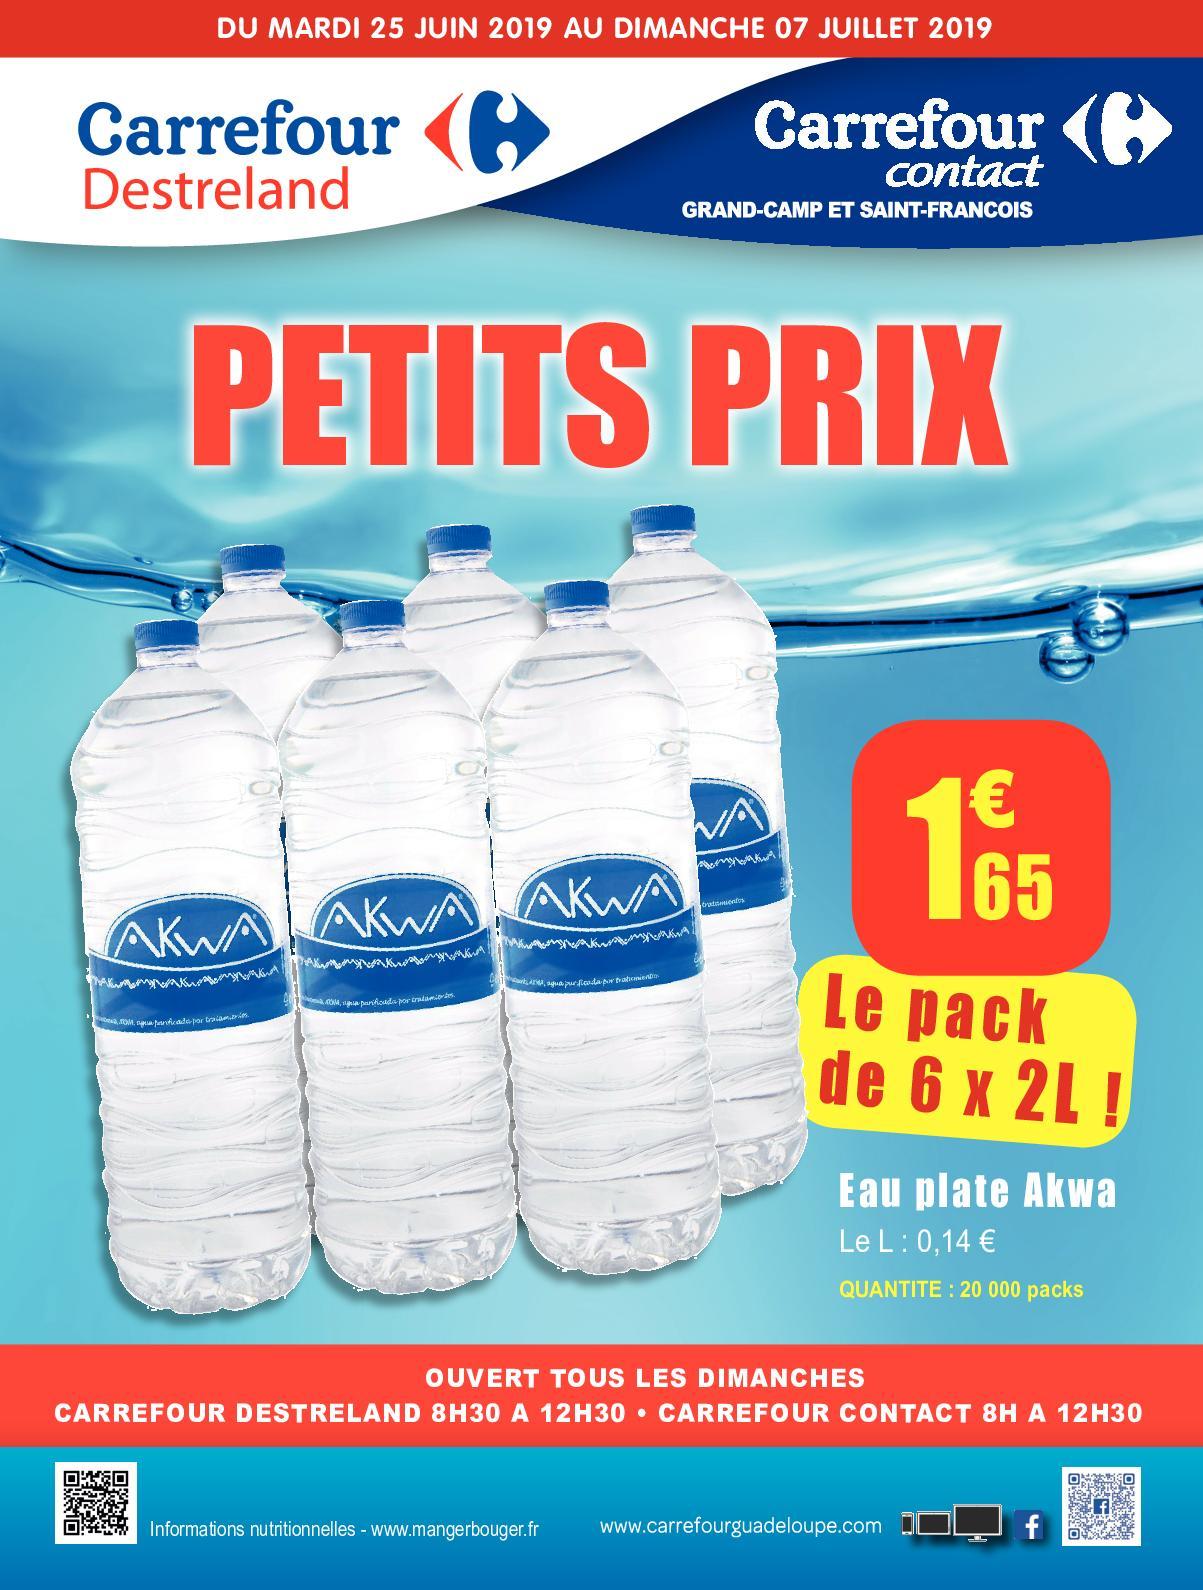 Calaméo Catalogue Petits Prix